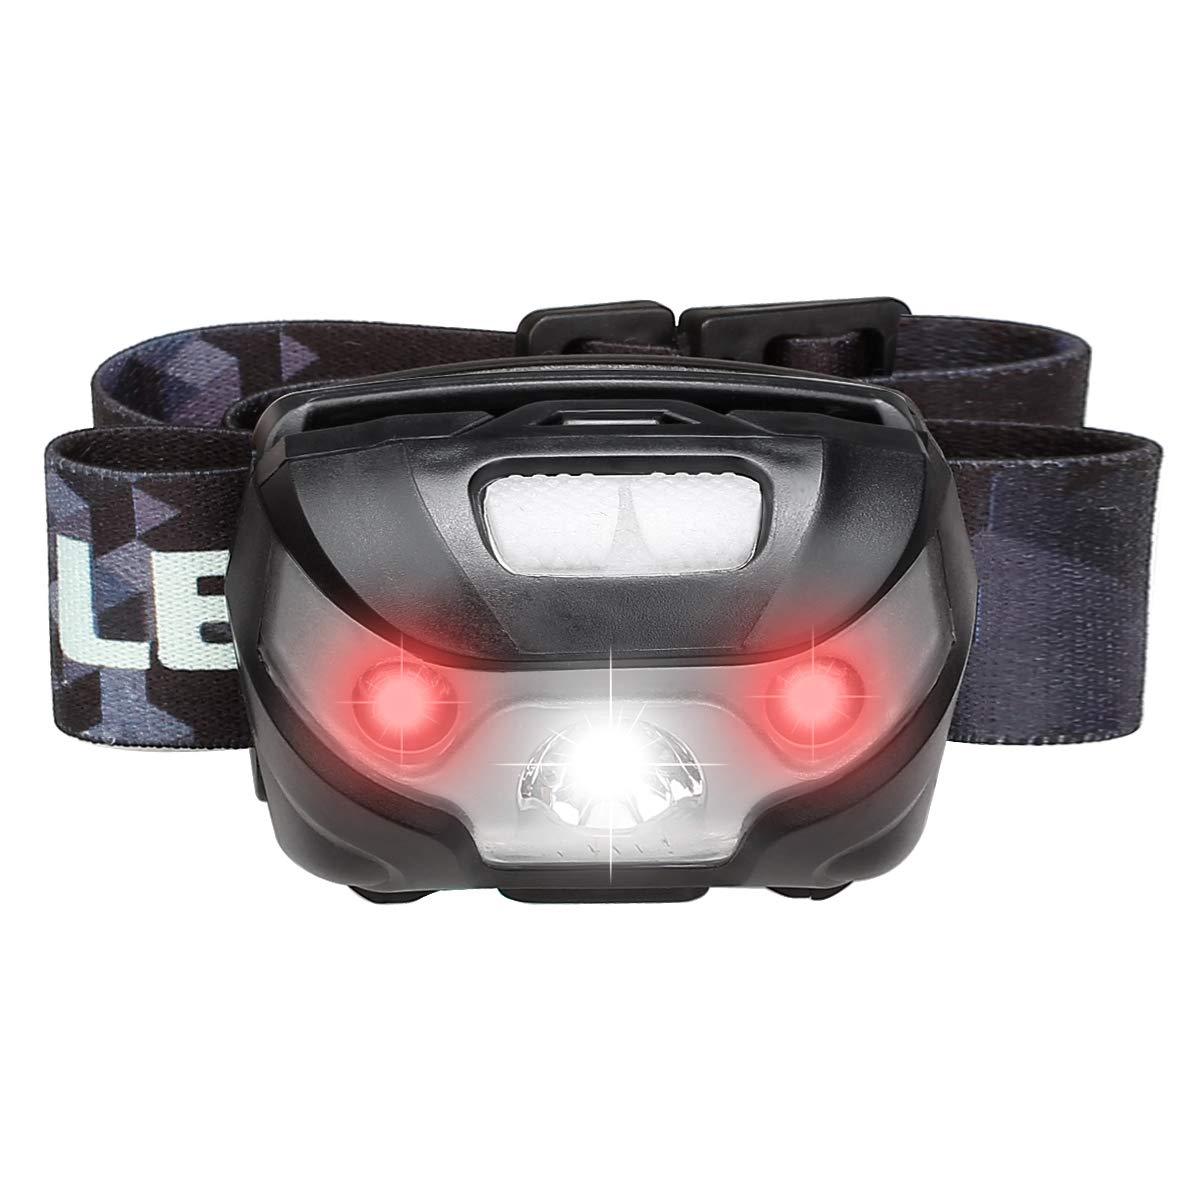 LE Linterna frontal USB recargable, 5 Modos de luz, con luz roja, Ligera Elástica, para Ciclismo, Correr, Deporte nocturno [Clase de eficiencia energética A+] Lighting EVER B01DNDMSLY